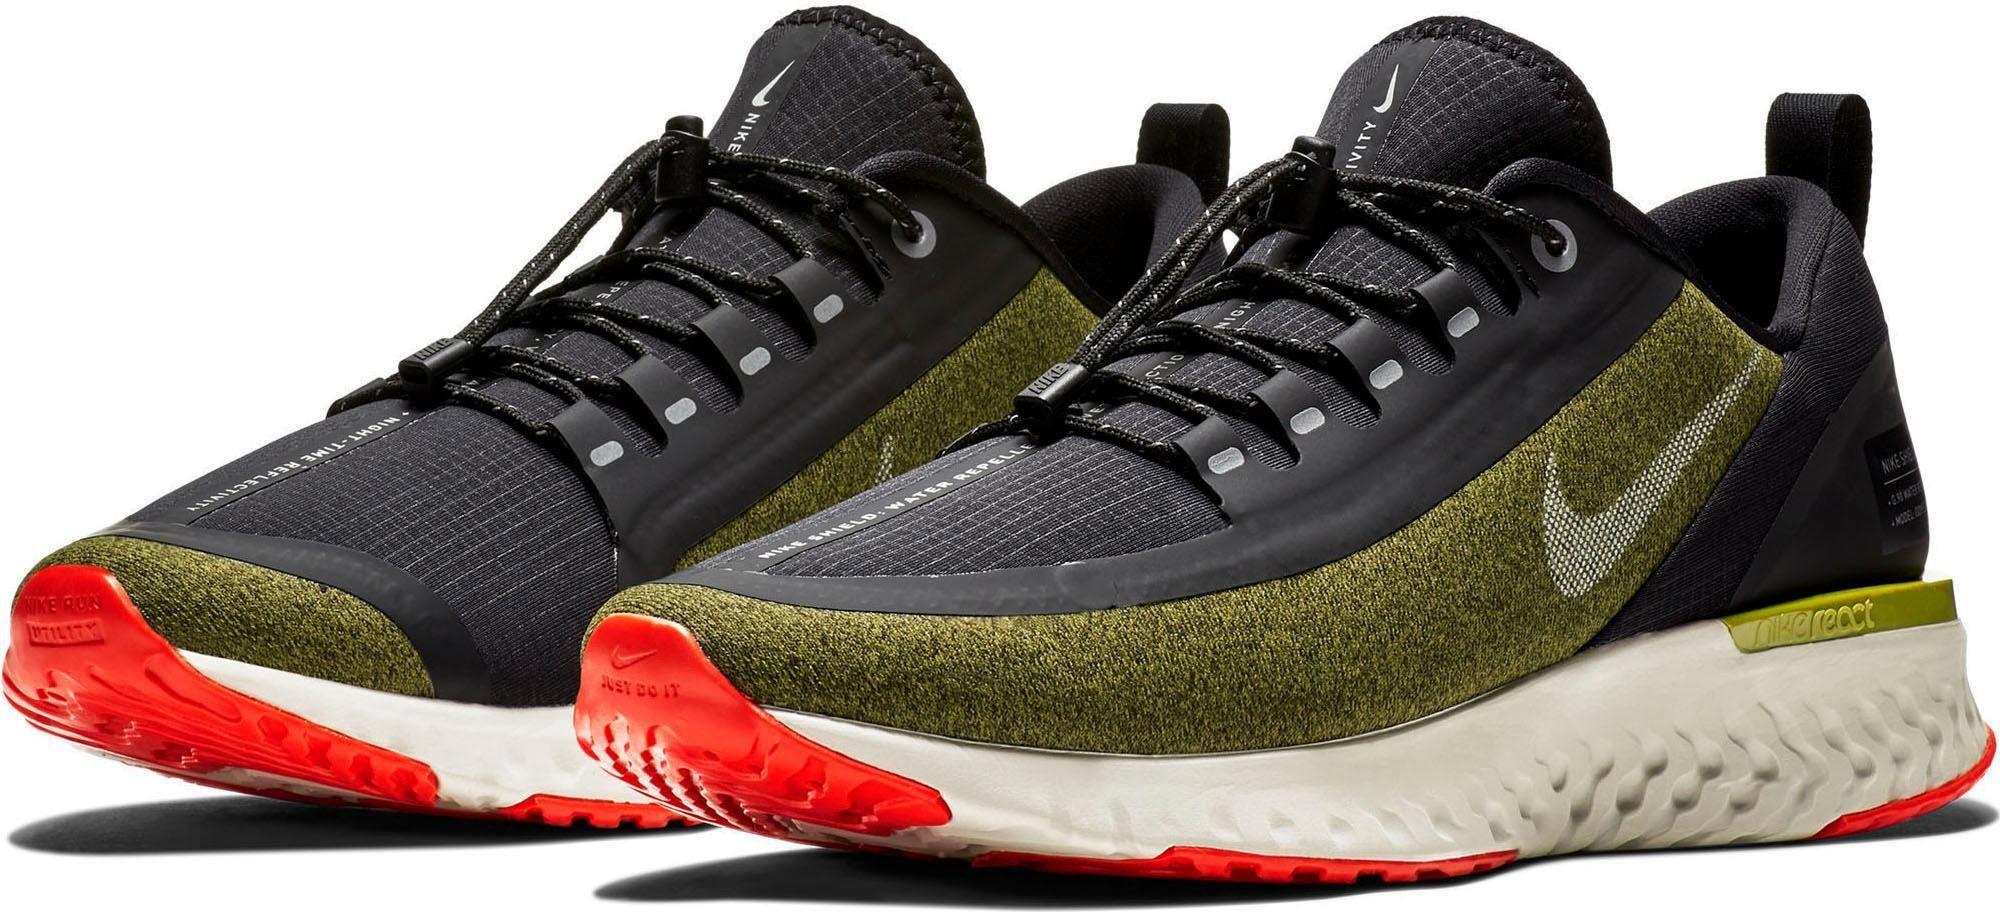 Nike »Odyssey React Shield« Laufschuh, Funktionaler Laufschuh aus der Shield Kollektion ist für nasse, dunkle Strecken geeignet online kaufen | OTTO